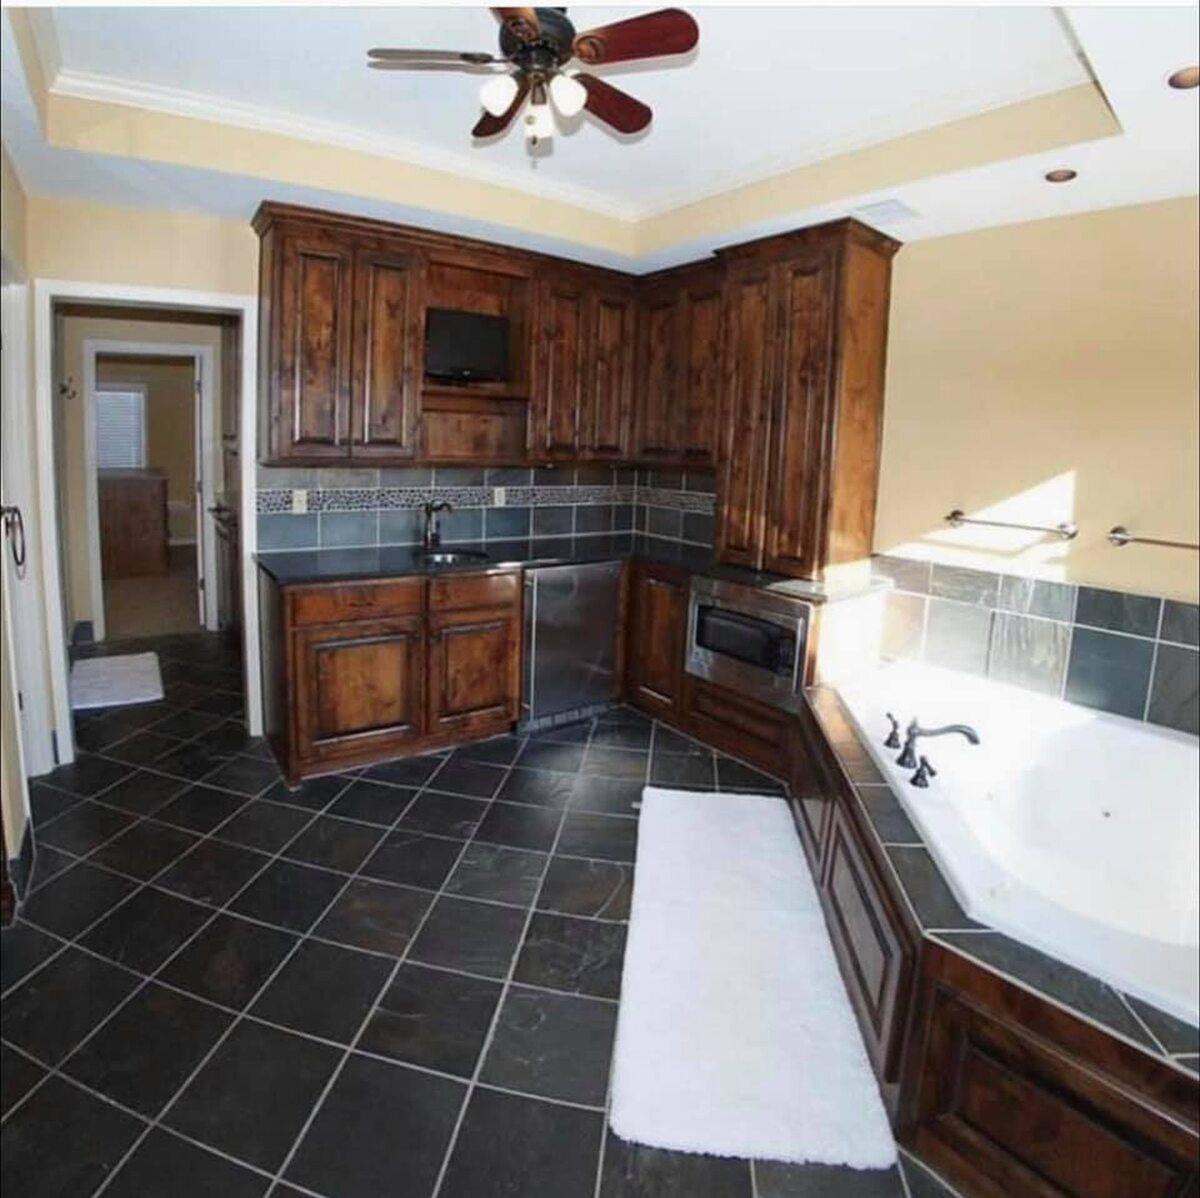 Łazienka z kuchnią, ale przede wszystkim z klasą